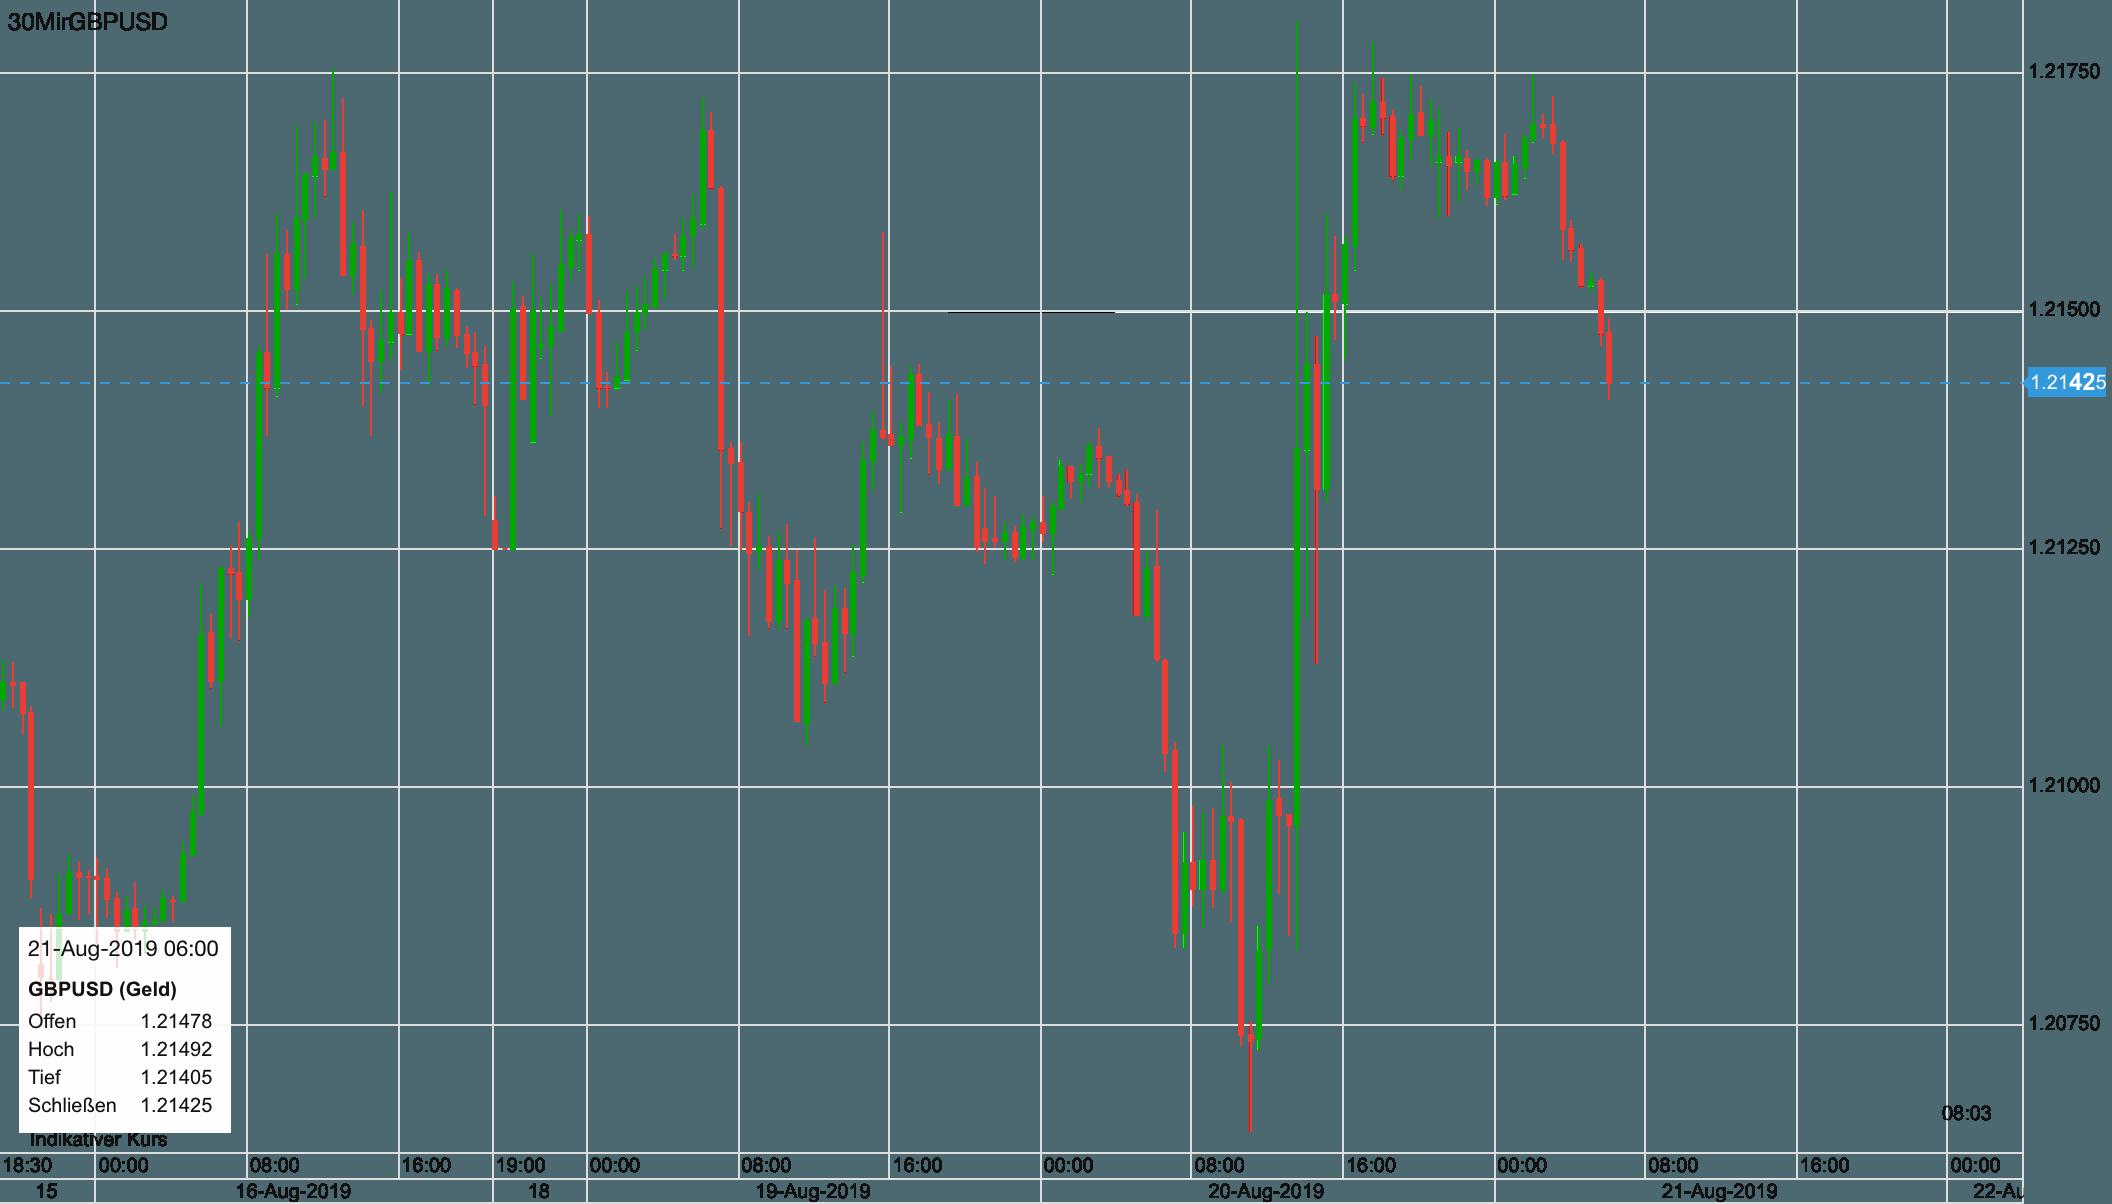 Pfund vs USD seit 16. August